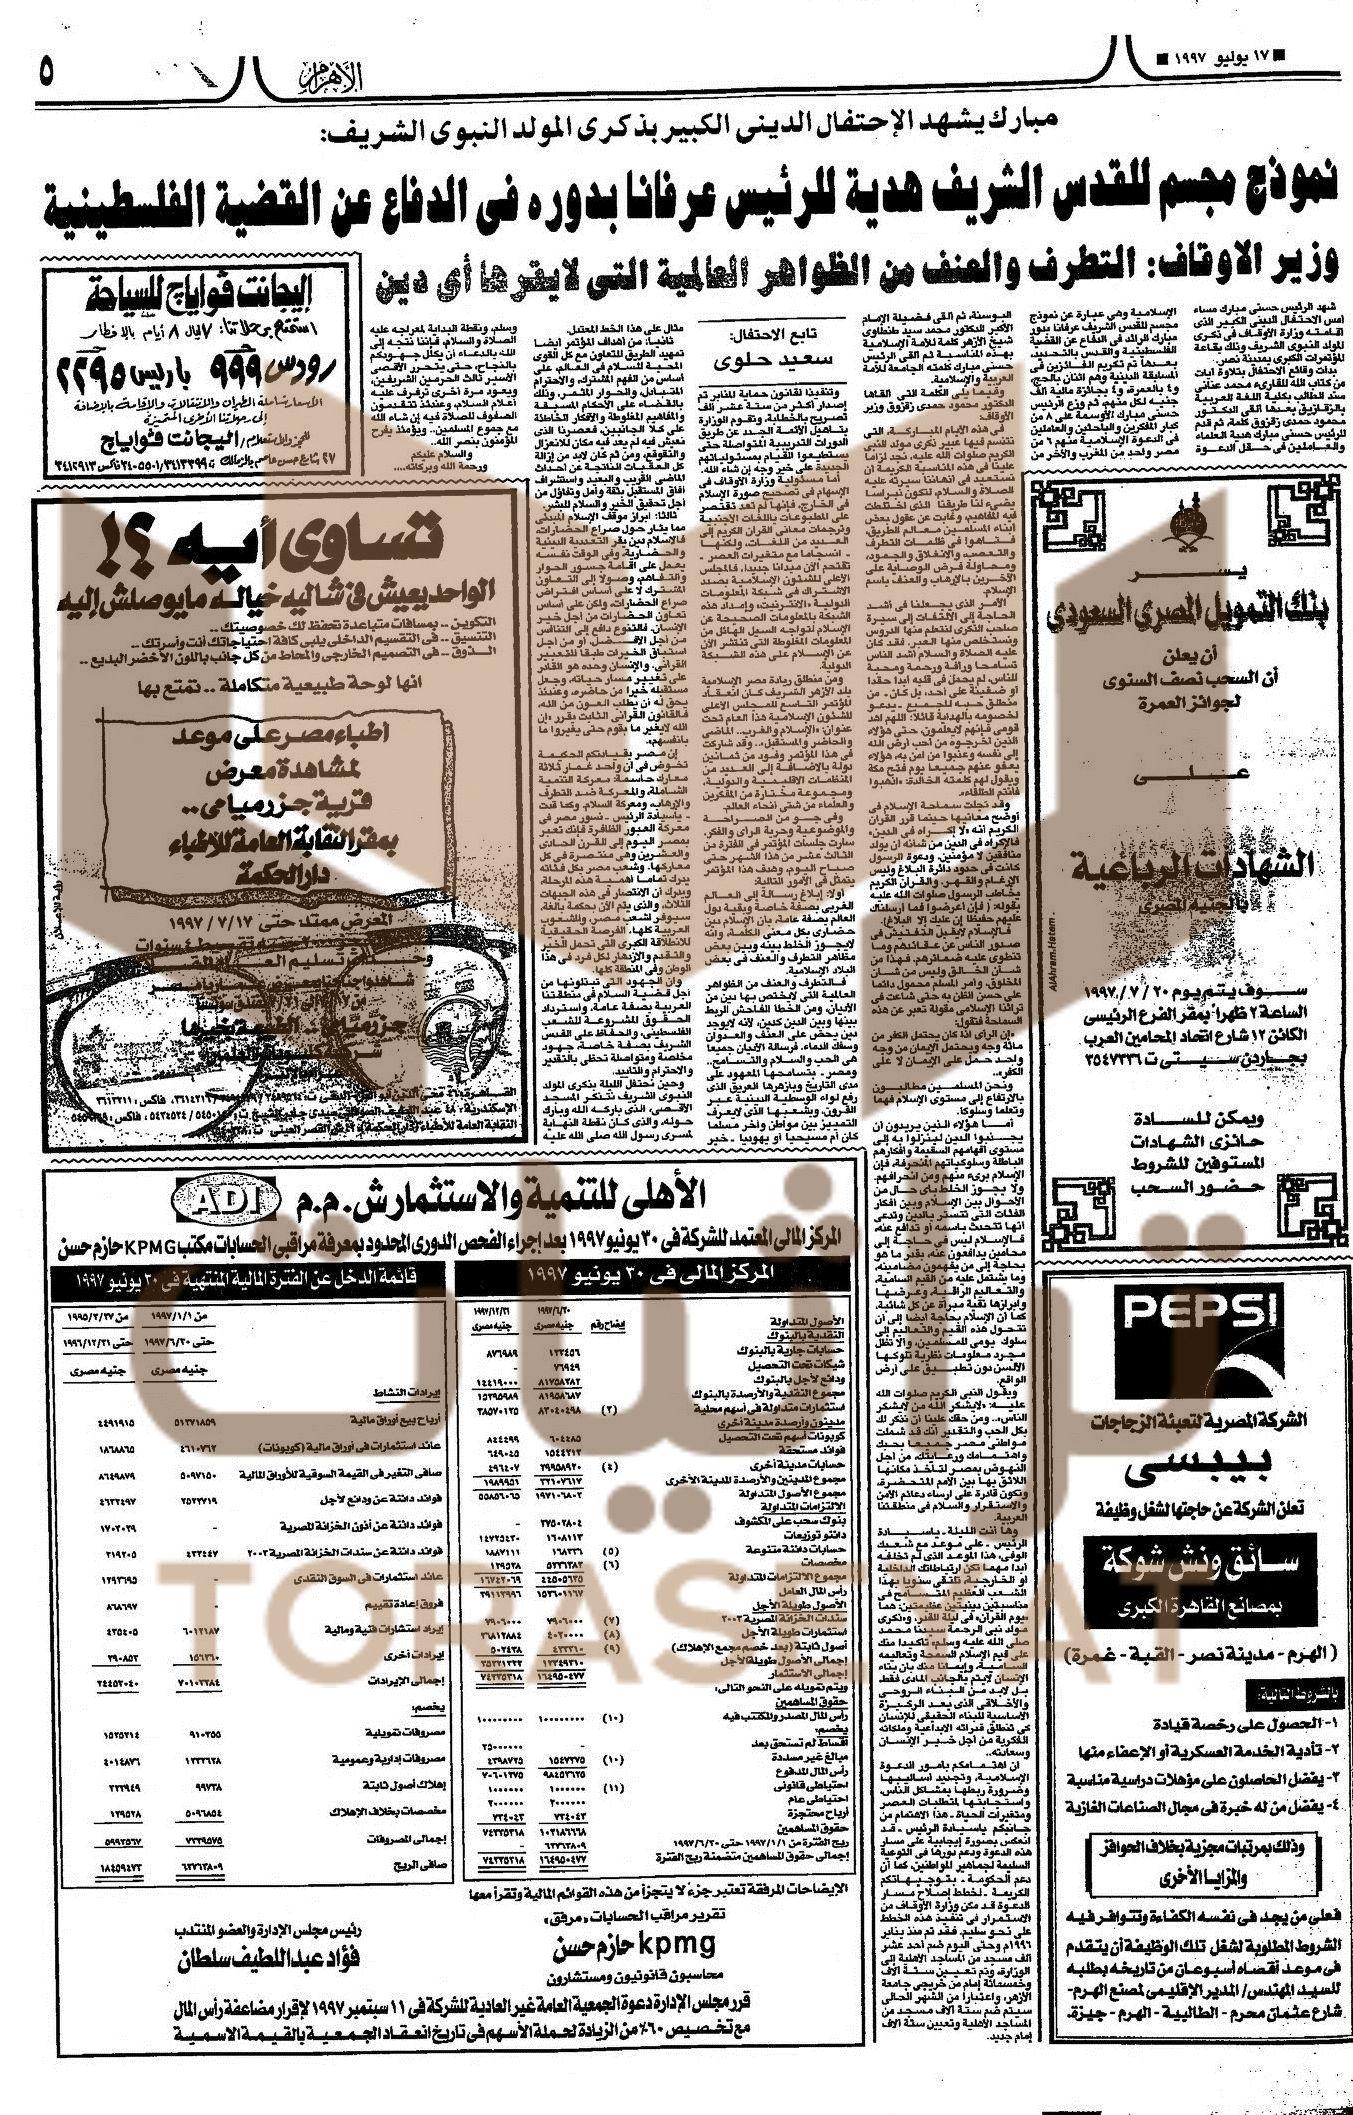 بقية خطاب مبارك في المولد النبوي 1997 م